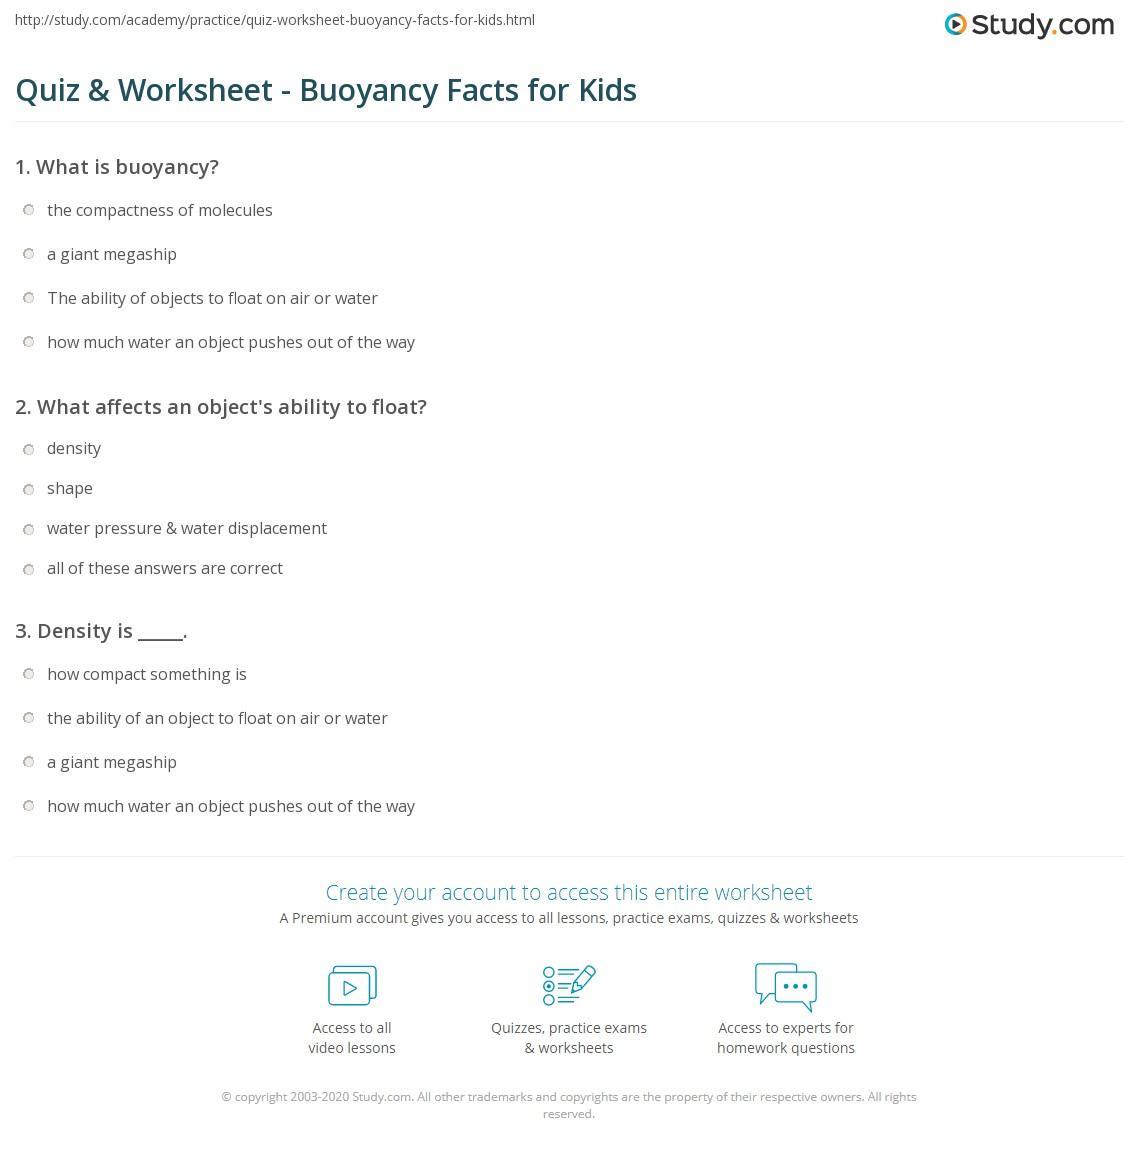 Worksheets Buoyancy Worksheet quiz worksheet buoyancy facts for kids study com print lesson worksheet